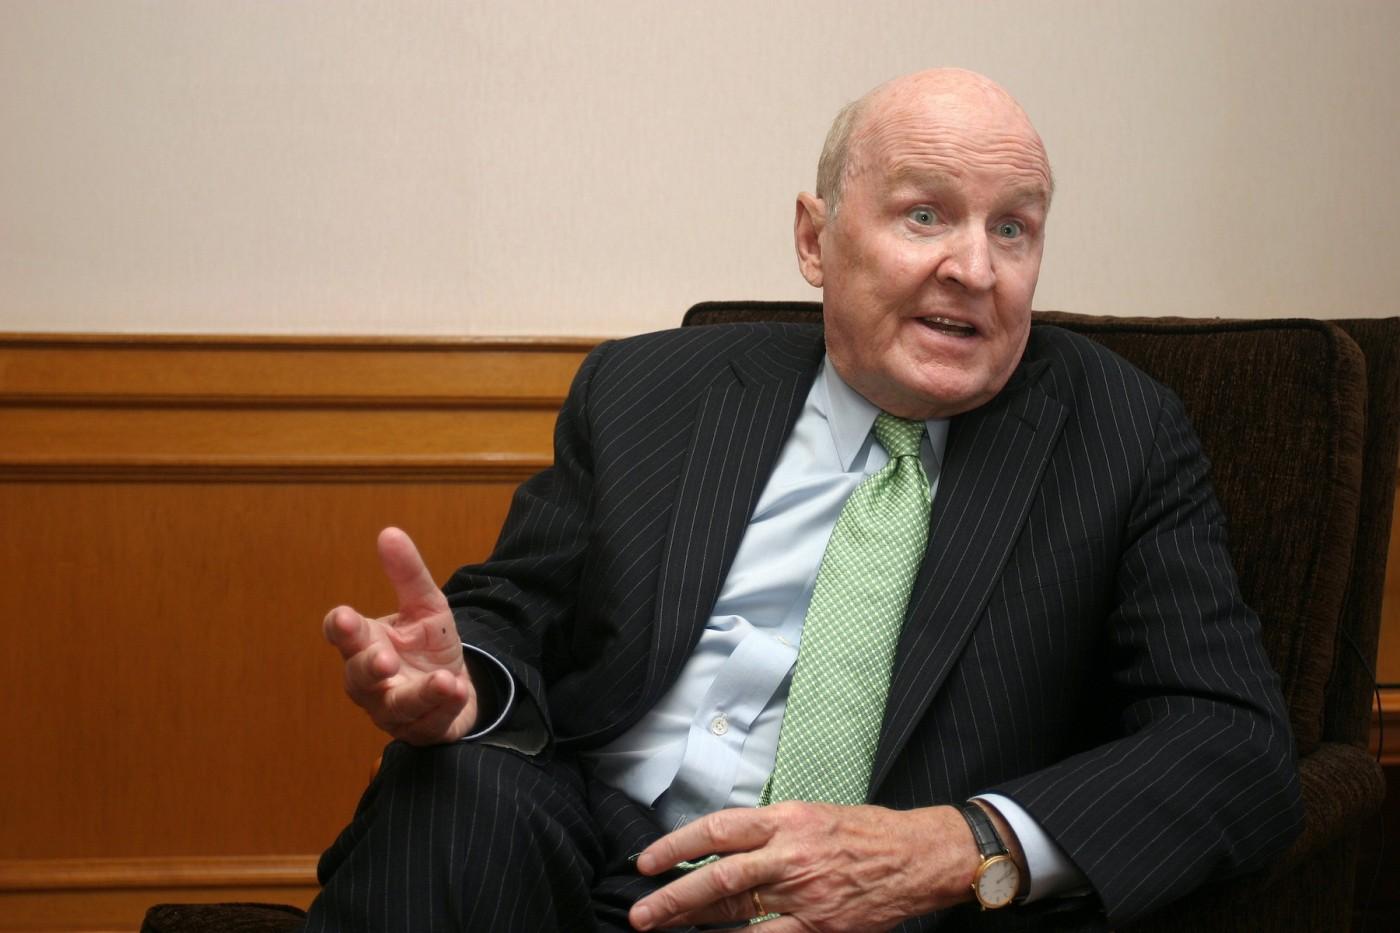 百年GE轉型功臣逝世!前CEO威爾許,任內裁員10萬人、讓公司市值飆高30倍